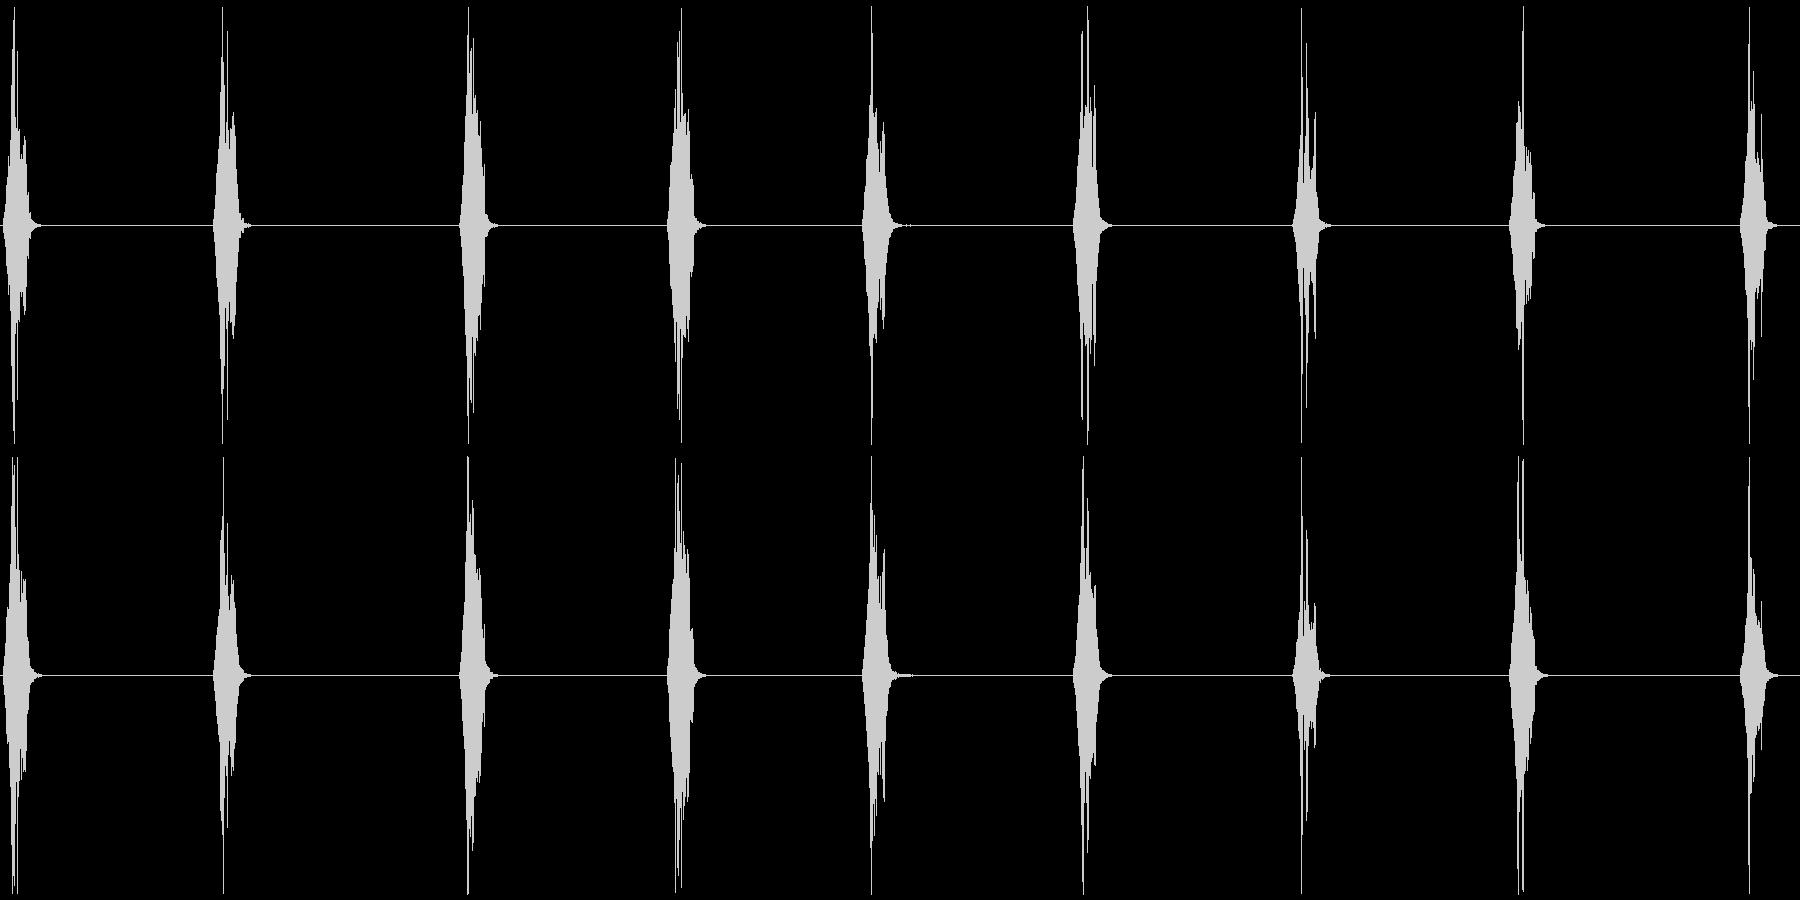 スズメの鳴き声 B 長めの未再生の波形